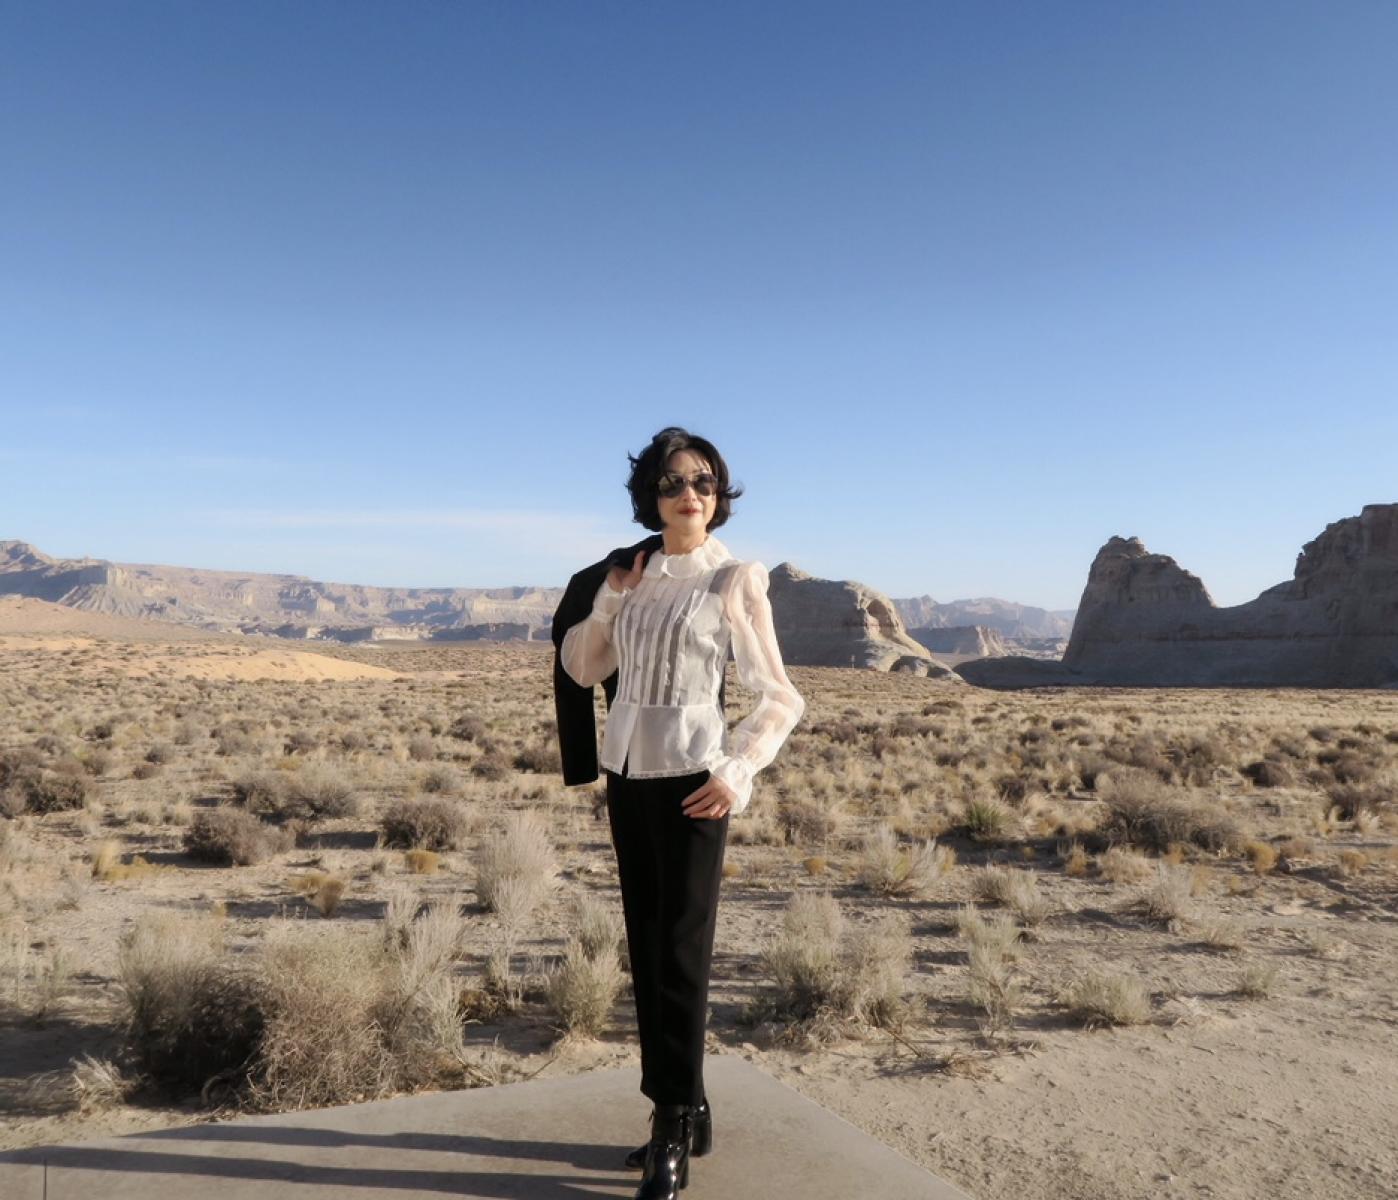 在渺无人烟的大沙漠中如何自得其乐_图1-40